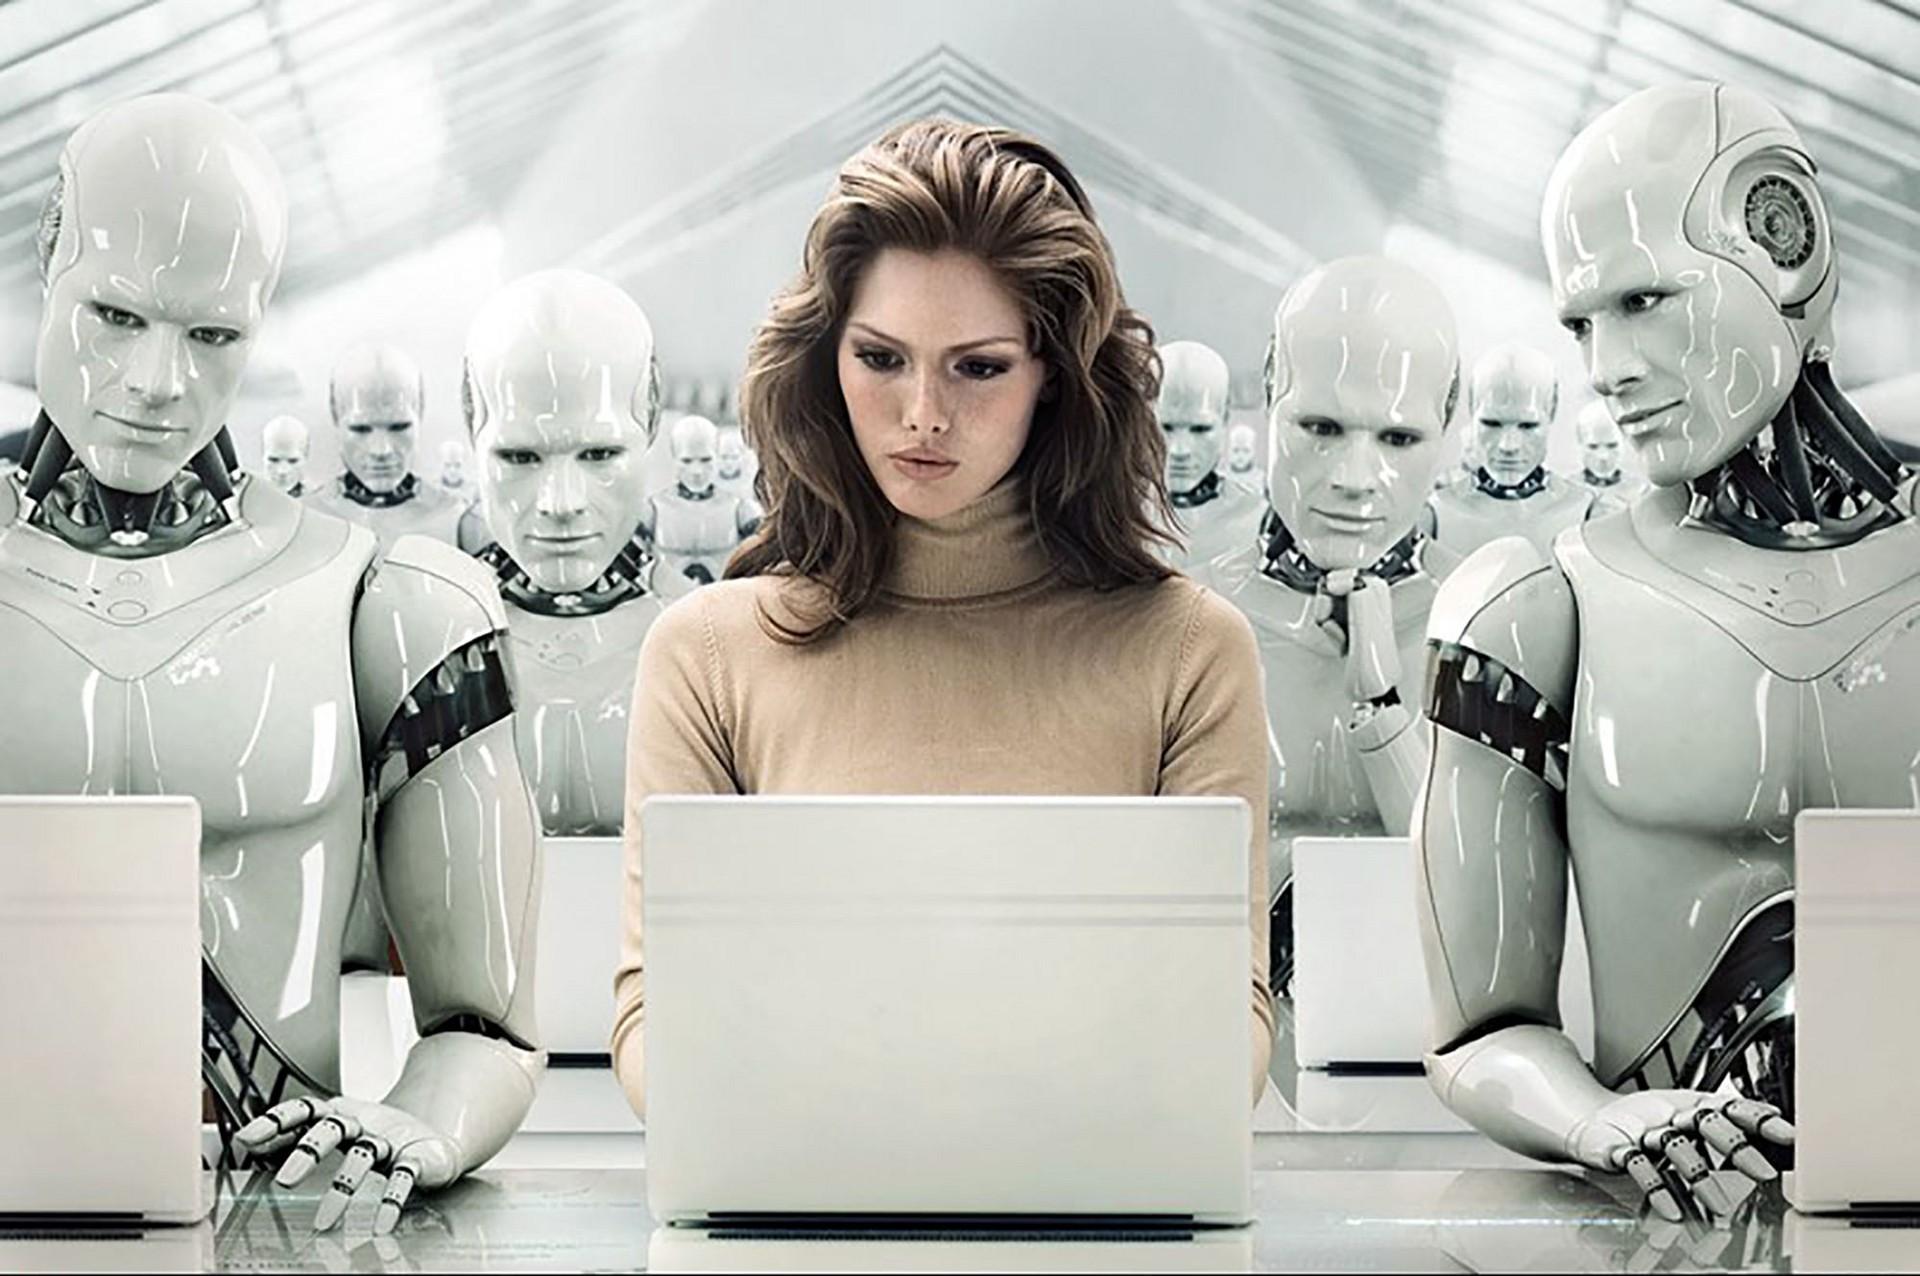 KIM ELSESSER / Robotlar Irkçılığı ve Cinsiyetçiliği Azaltabilir mi?